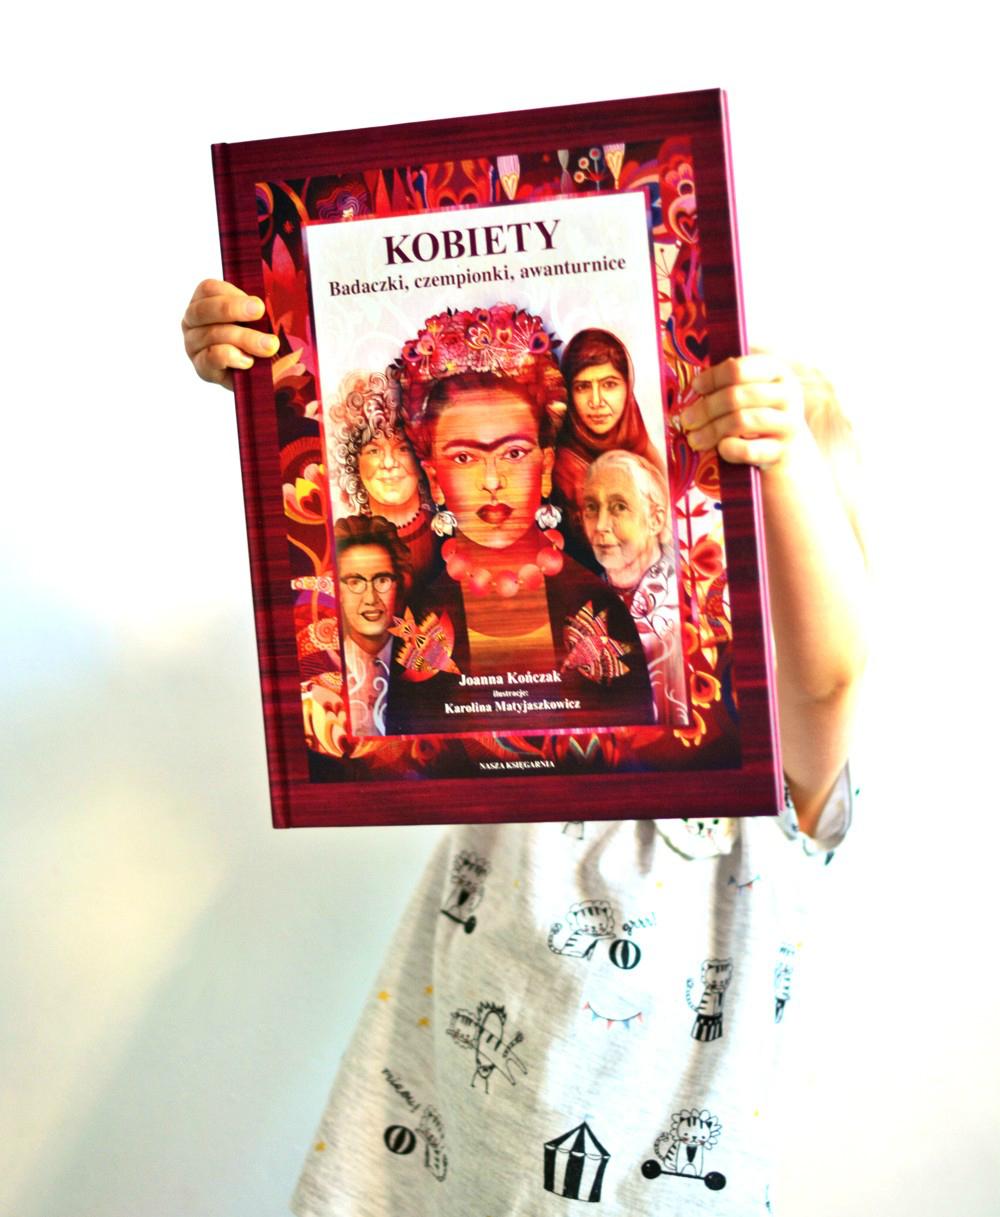 """""""Kobiety. Badaczki, czempionki, awanturnice"""" Joanna Kończak, ilustracje: Karolina Matyjaszkowicz - ZABAWA Z KSIĄŻKĄ #1"""